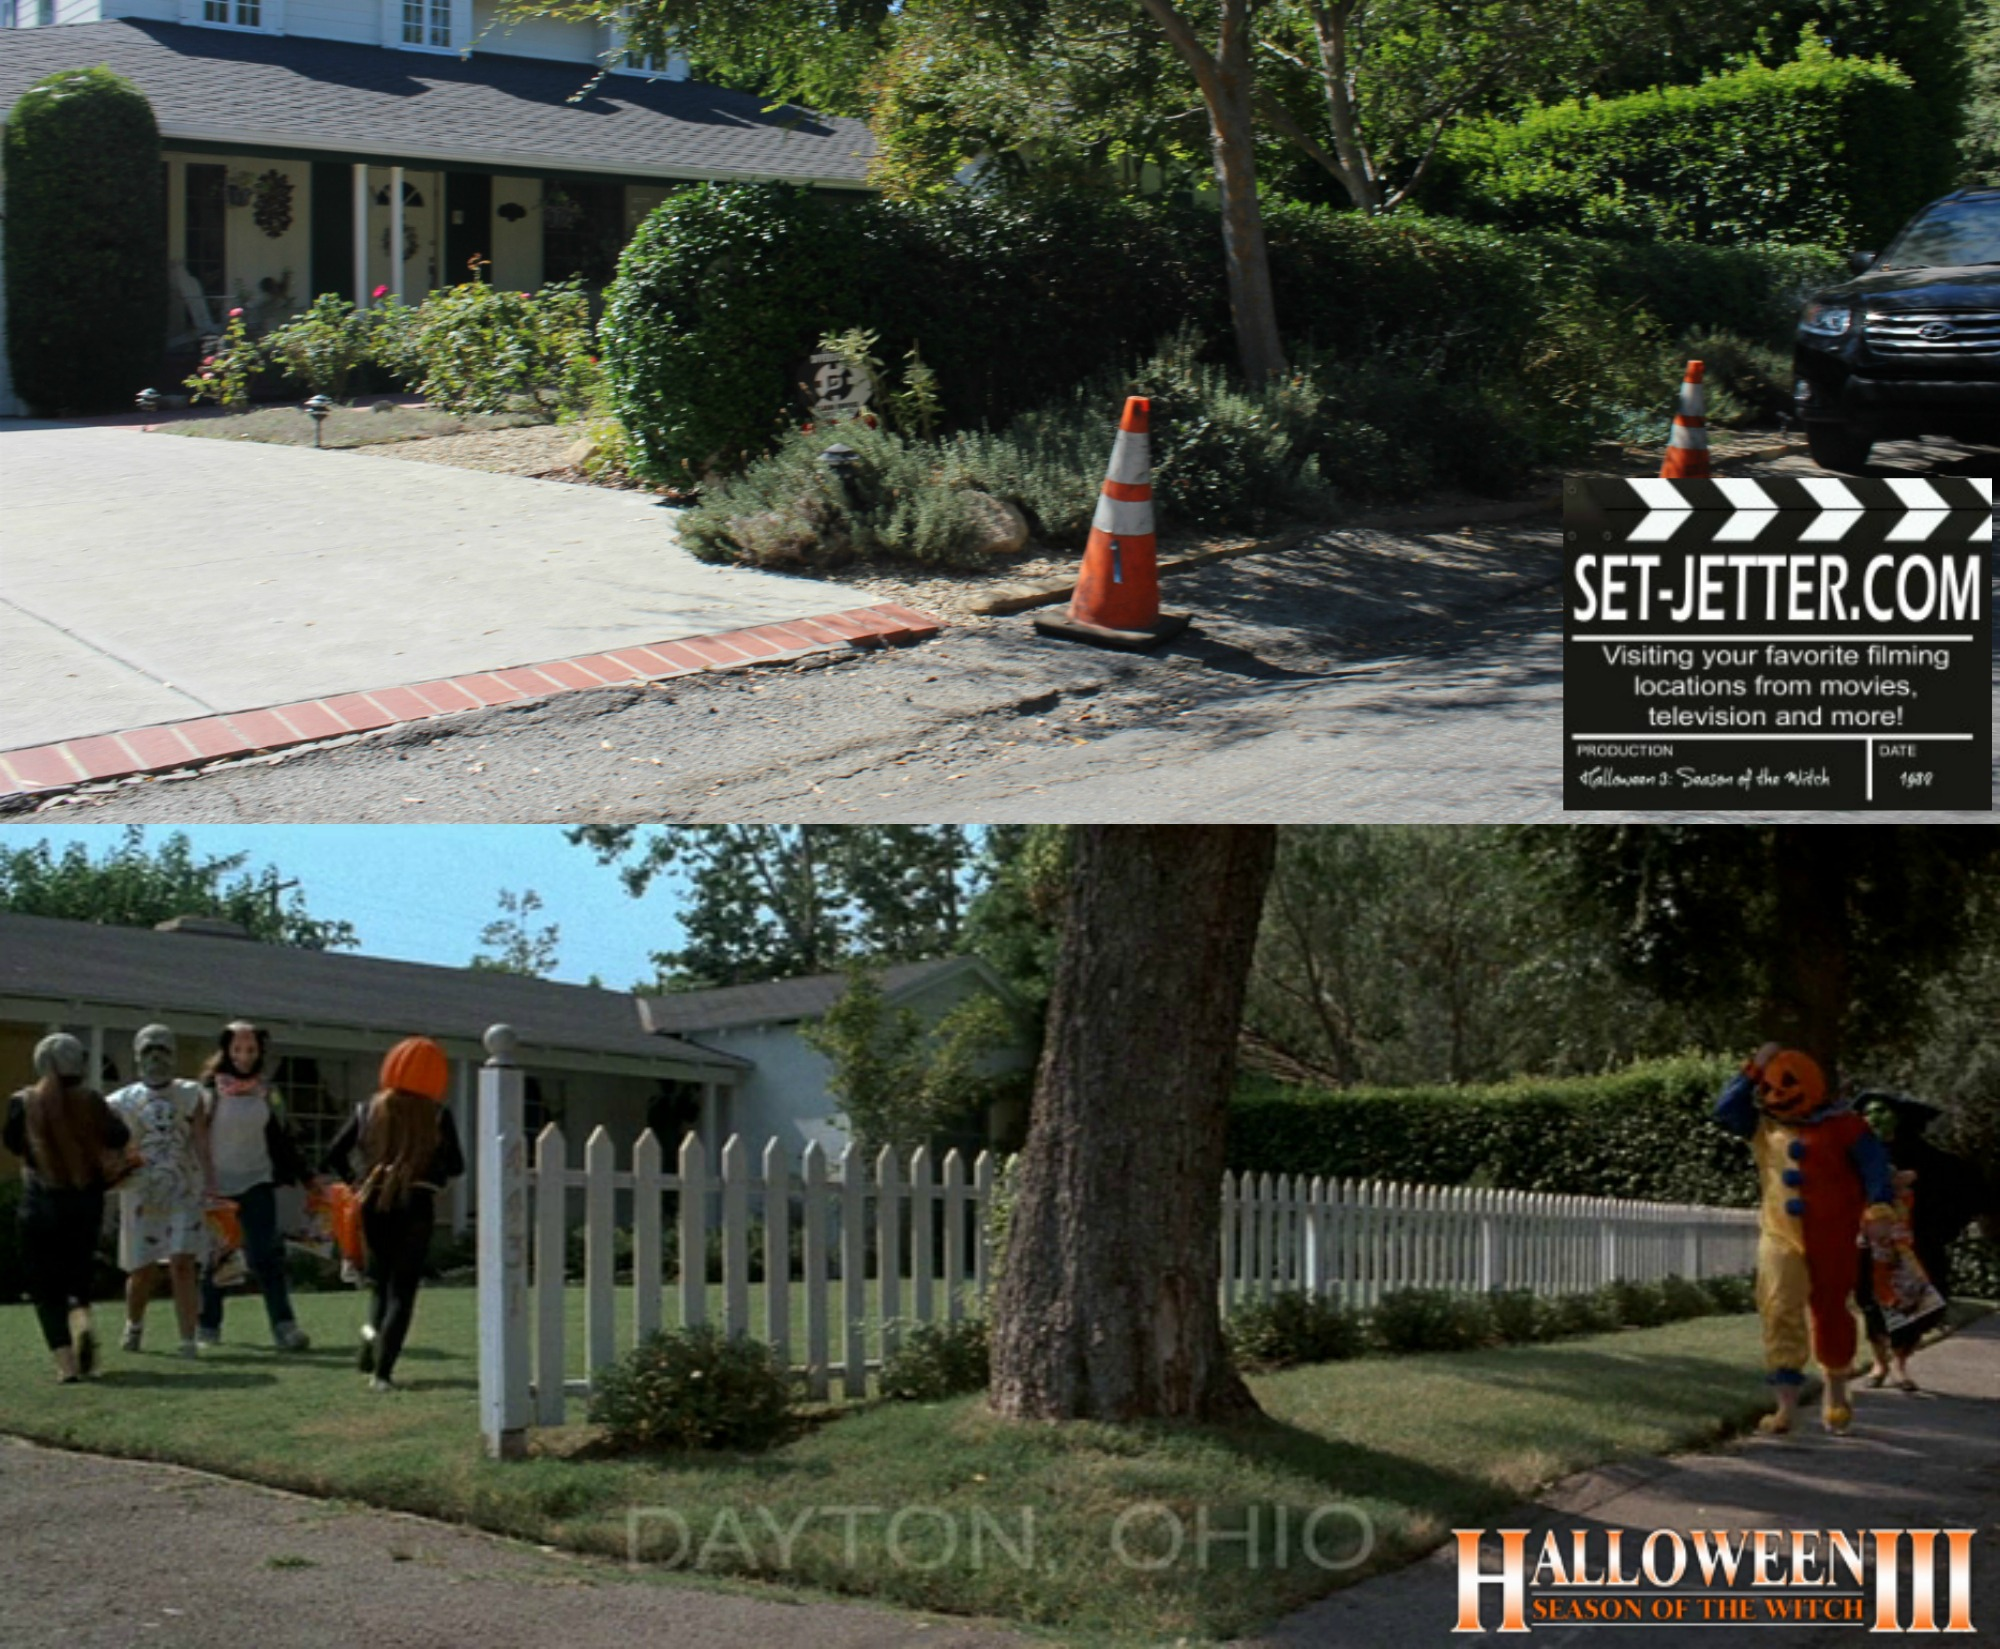 HalloweenIII-Dayton1.jpg